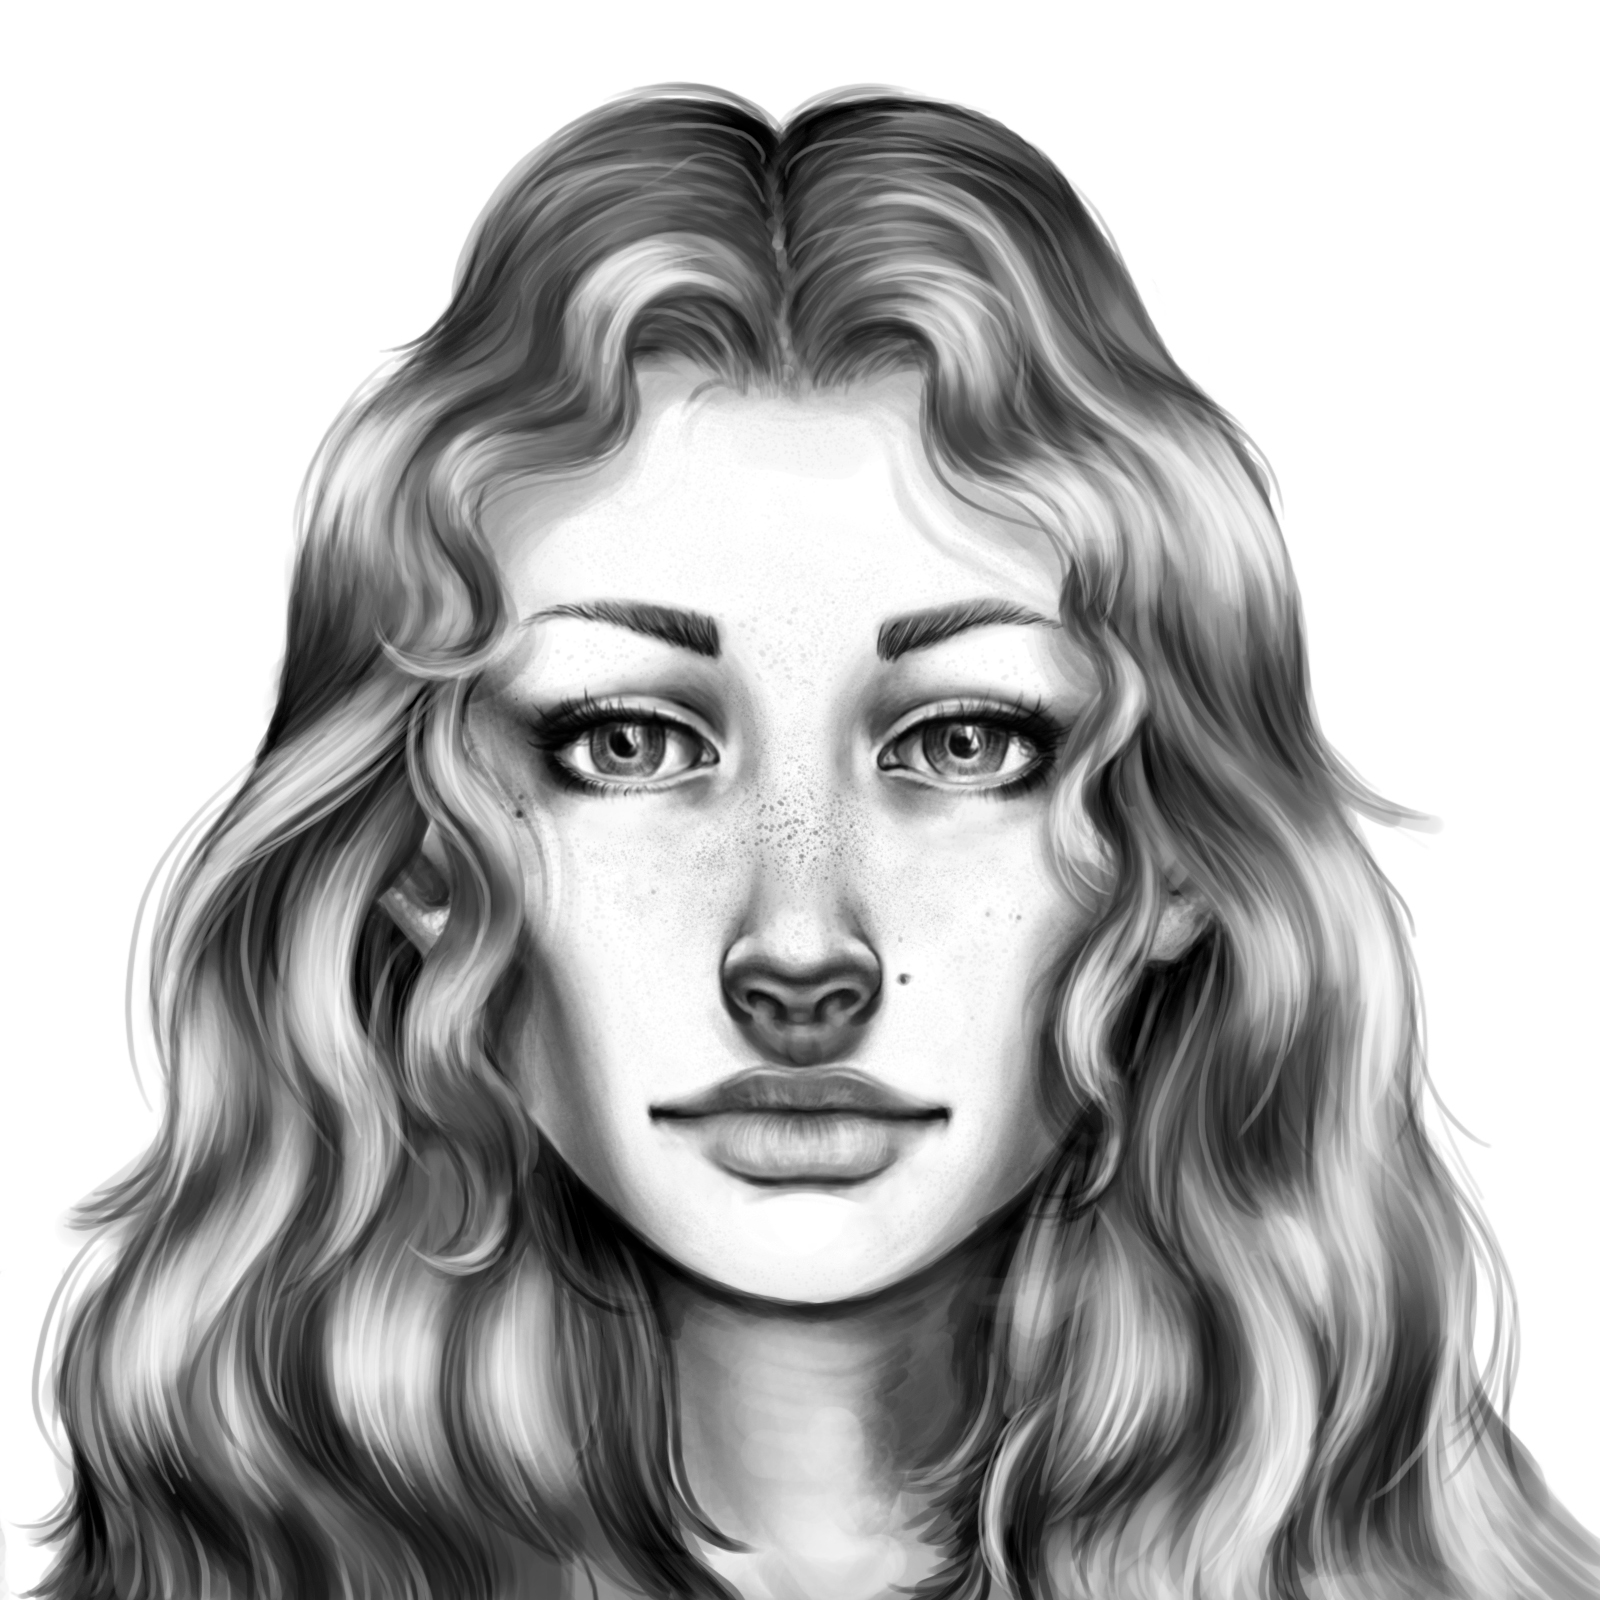 Gosta de desenhar? Entre aqui e mostre!  - Página 2 How_to_draw_a_realistic_face_by_catherinelennon-d3istfd